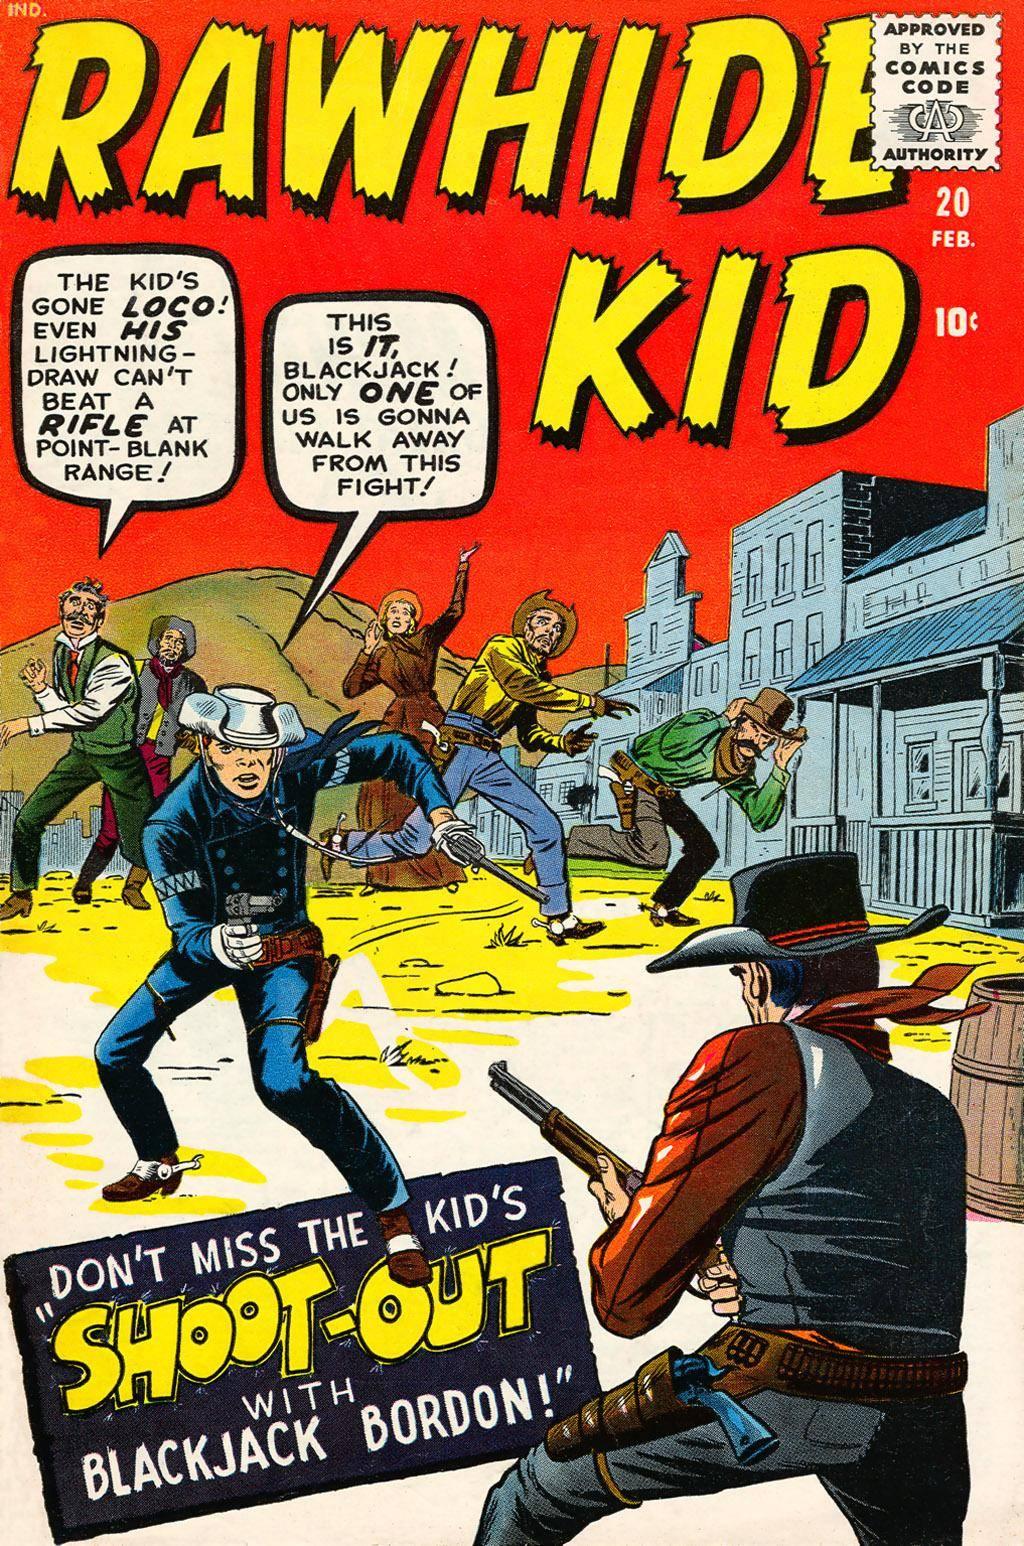 Rawhide Kid v1 020 1961